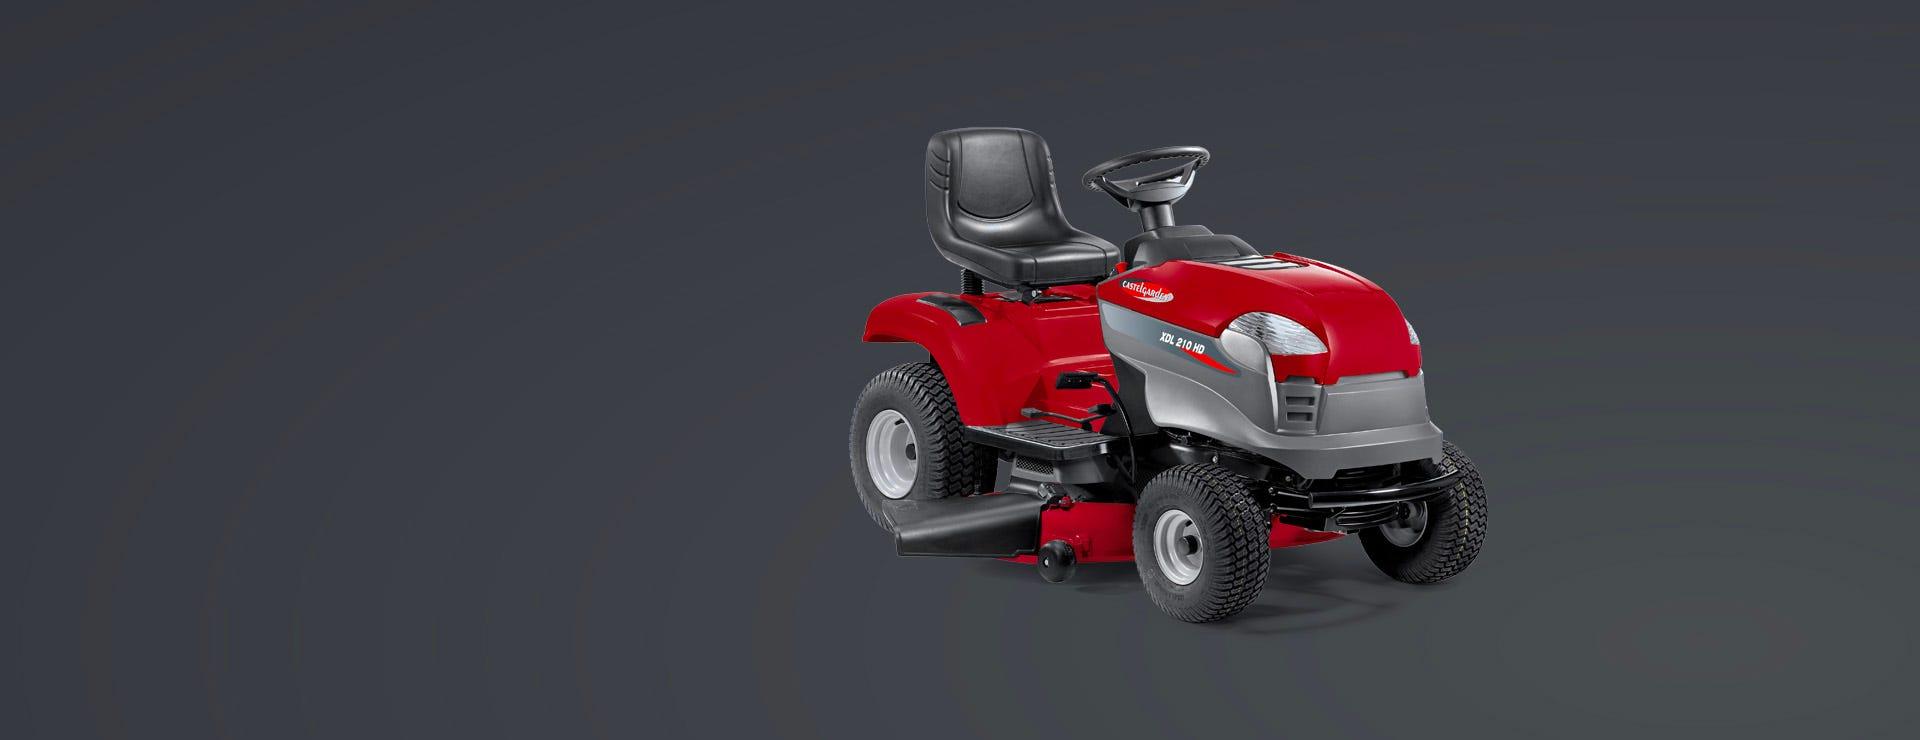 castelgarden-tracteur de jardin-autoportee-thermique-éjection latérale-xdl 210 hd